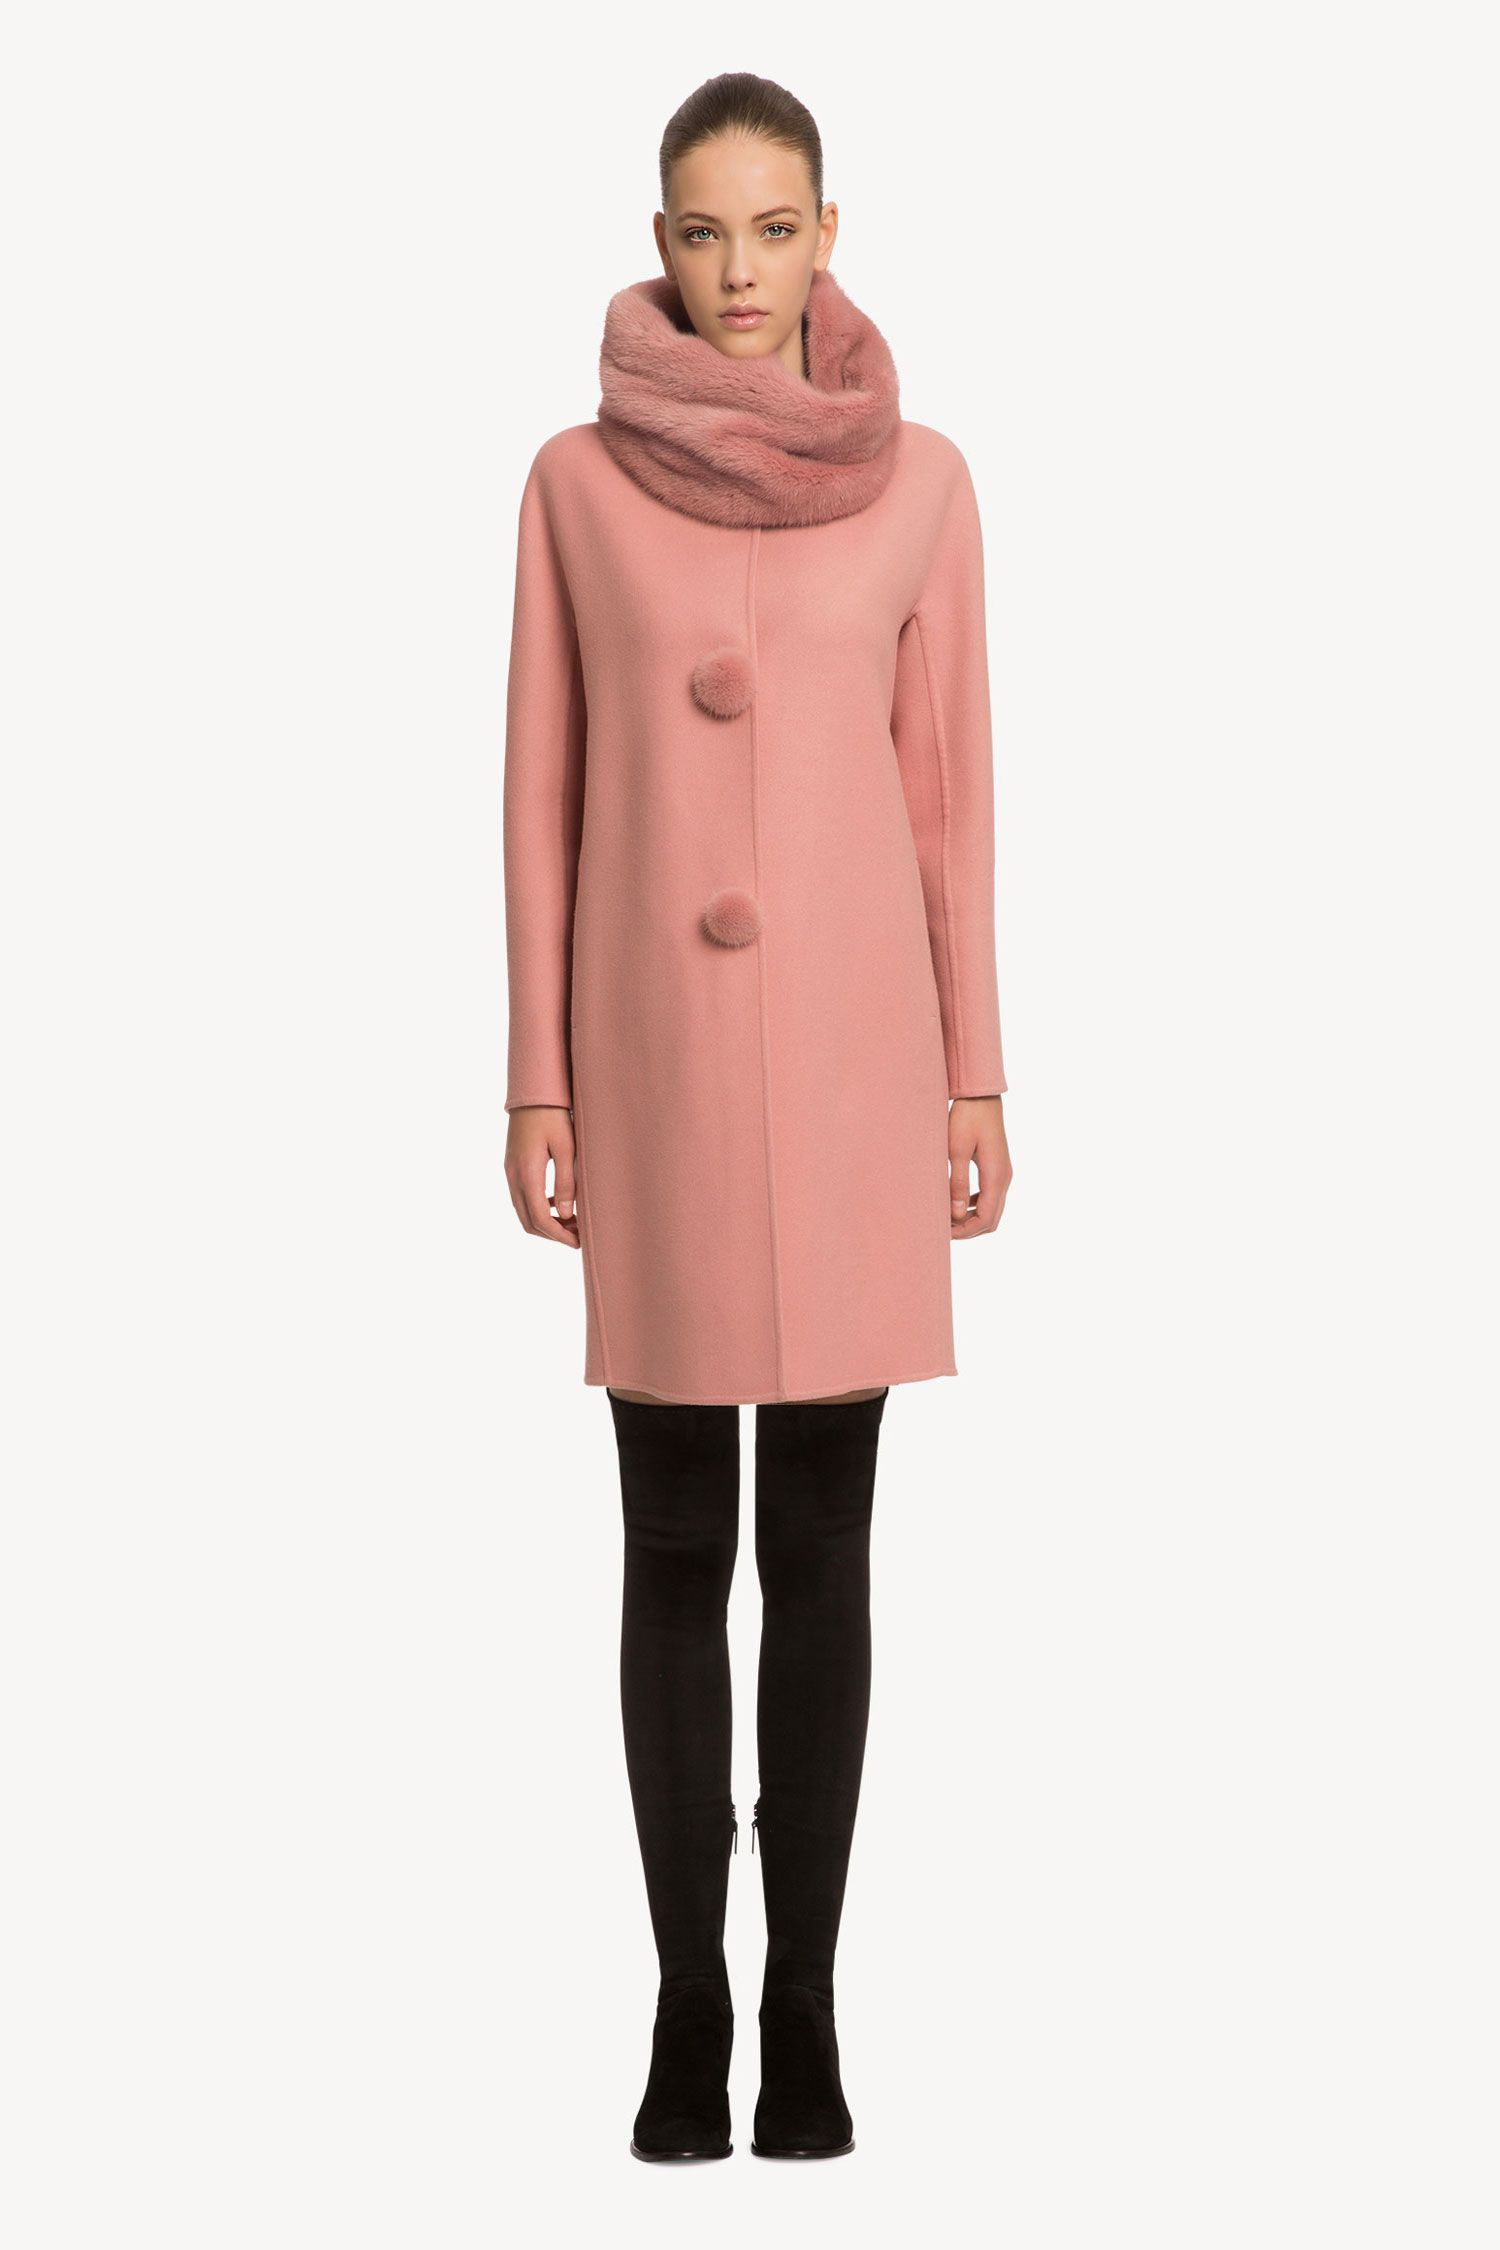 Cappotto in panno di lana con bottoni pon pon in visone sur-ton ad impreziosire il design essenziale del modello.   La modella è alta 177 cm e indossa una taglia 40.